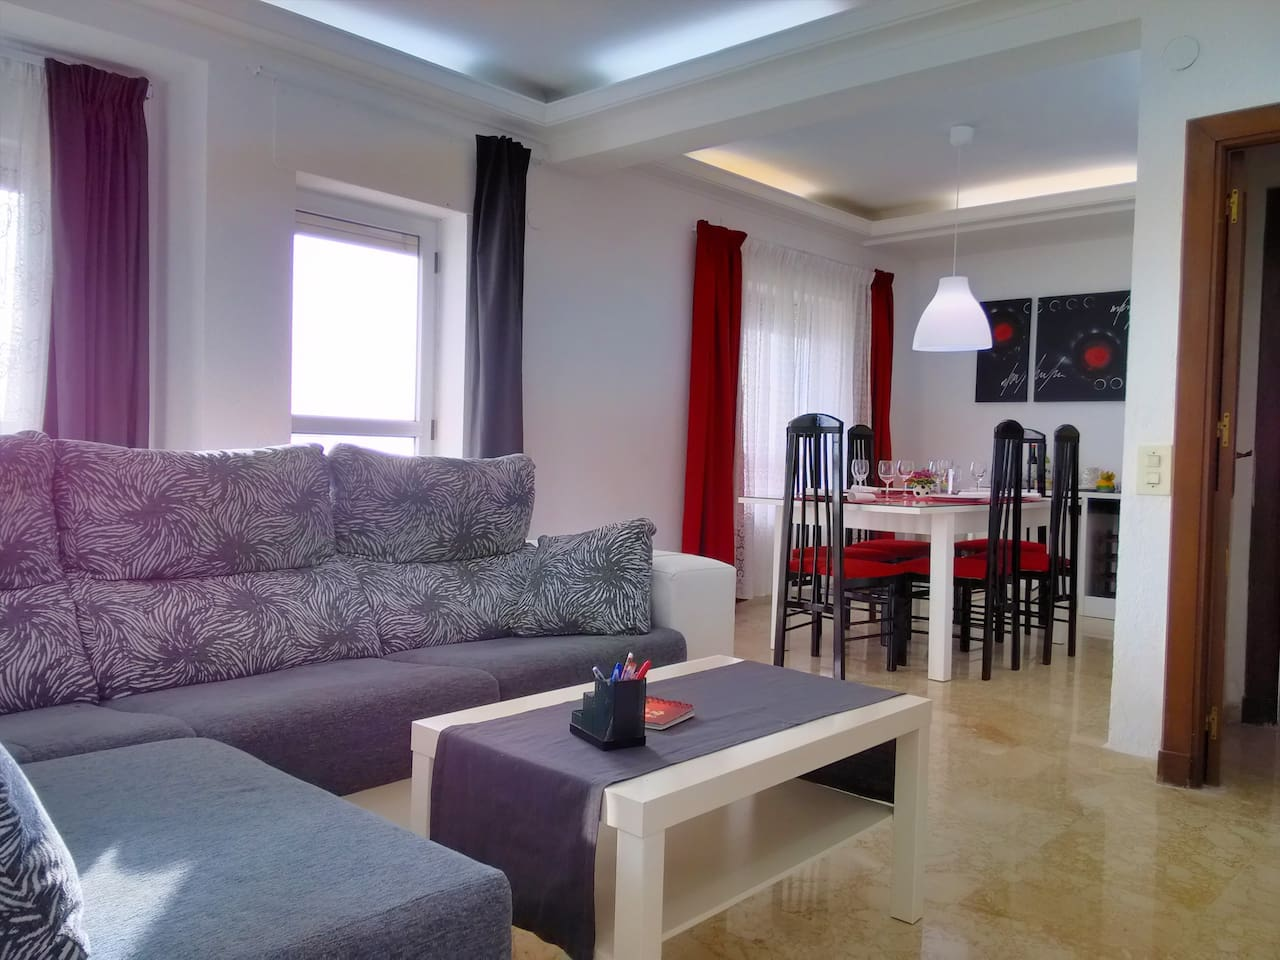 Piso Con Vistas A 2 Min De La Playa Casas En Alquiler En C Diz  # Muebles Miguel Angel Cadiz